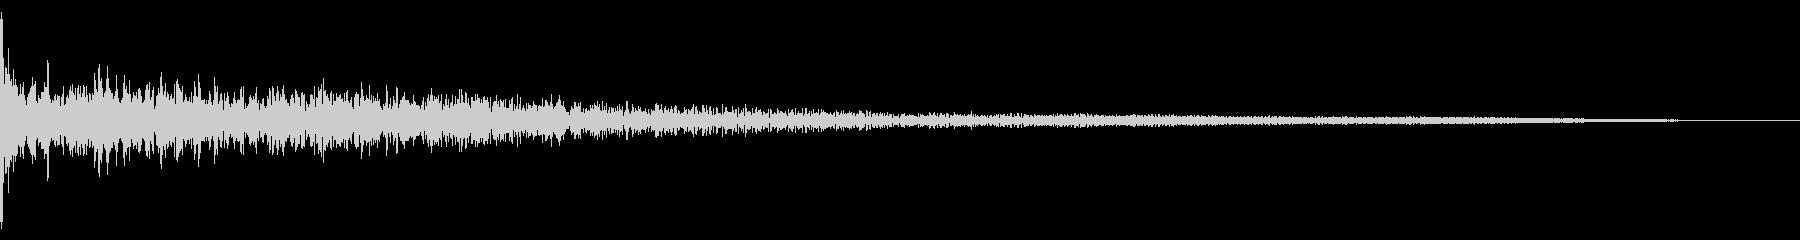 ホラー系アタック音7の未再生の波形